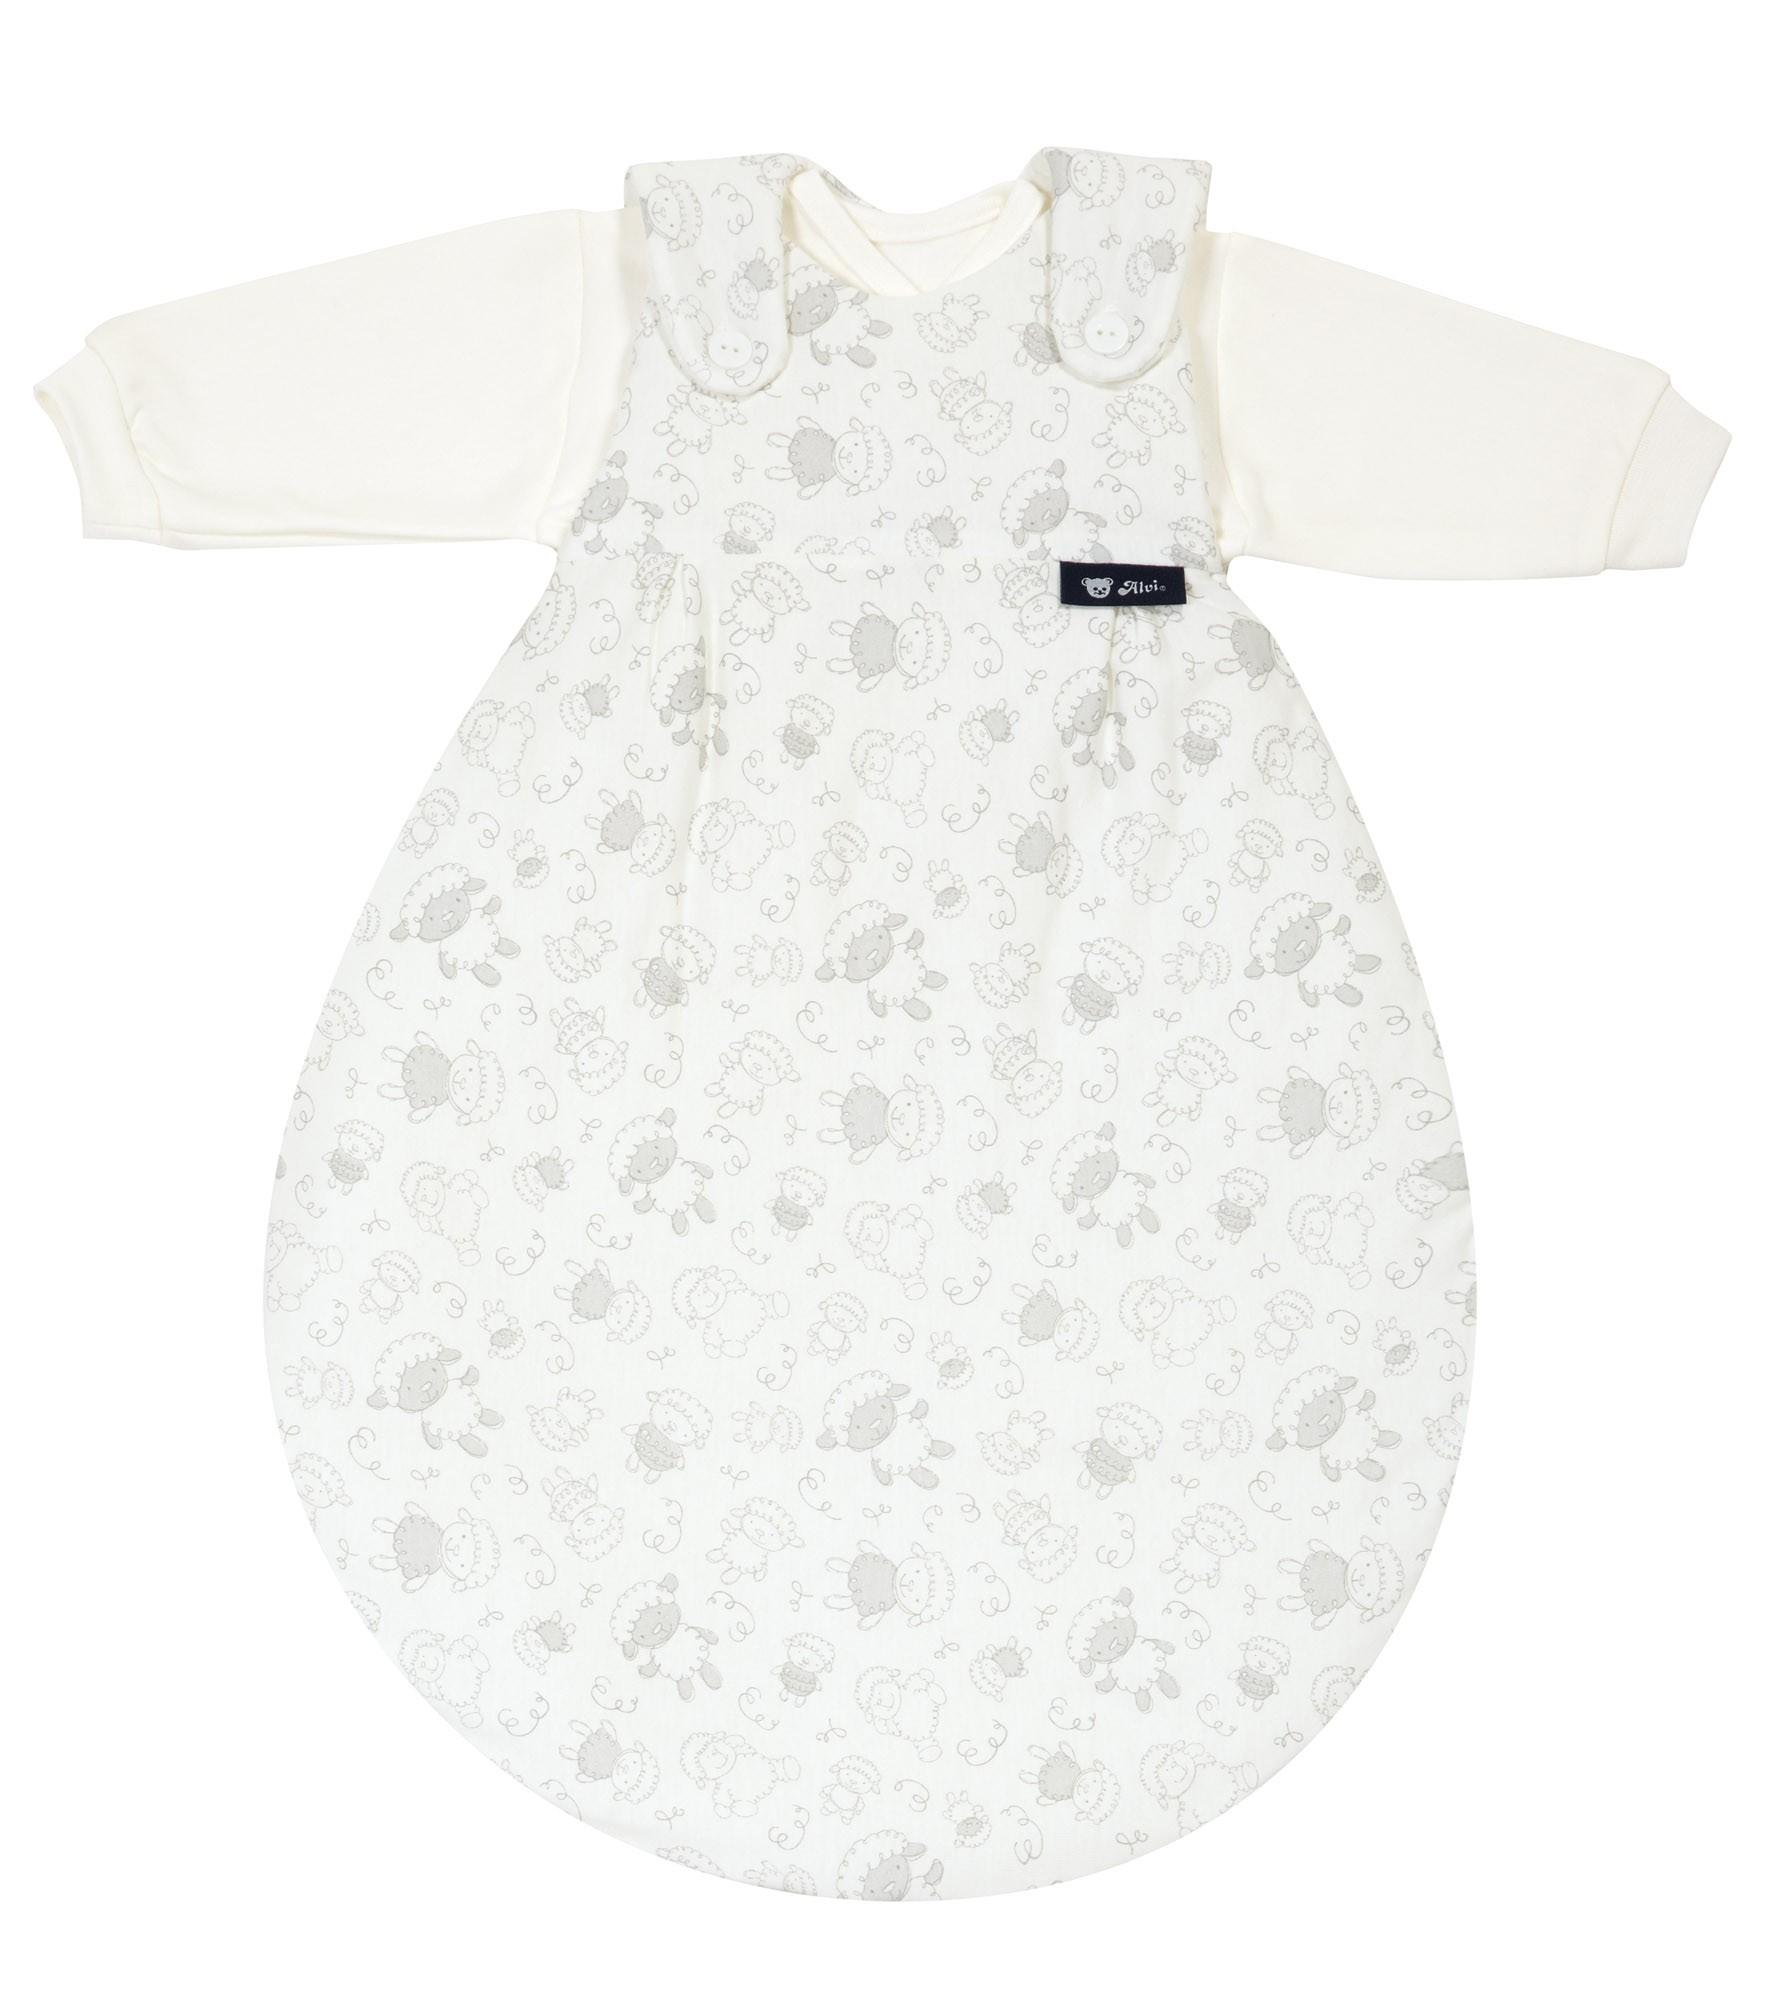 Alvi Baby Mäxchen 337-6 Schäfchen beige